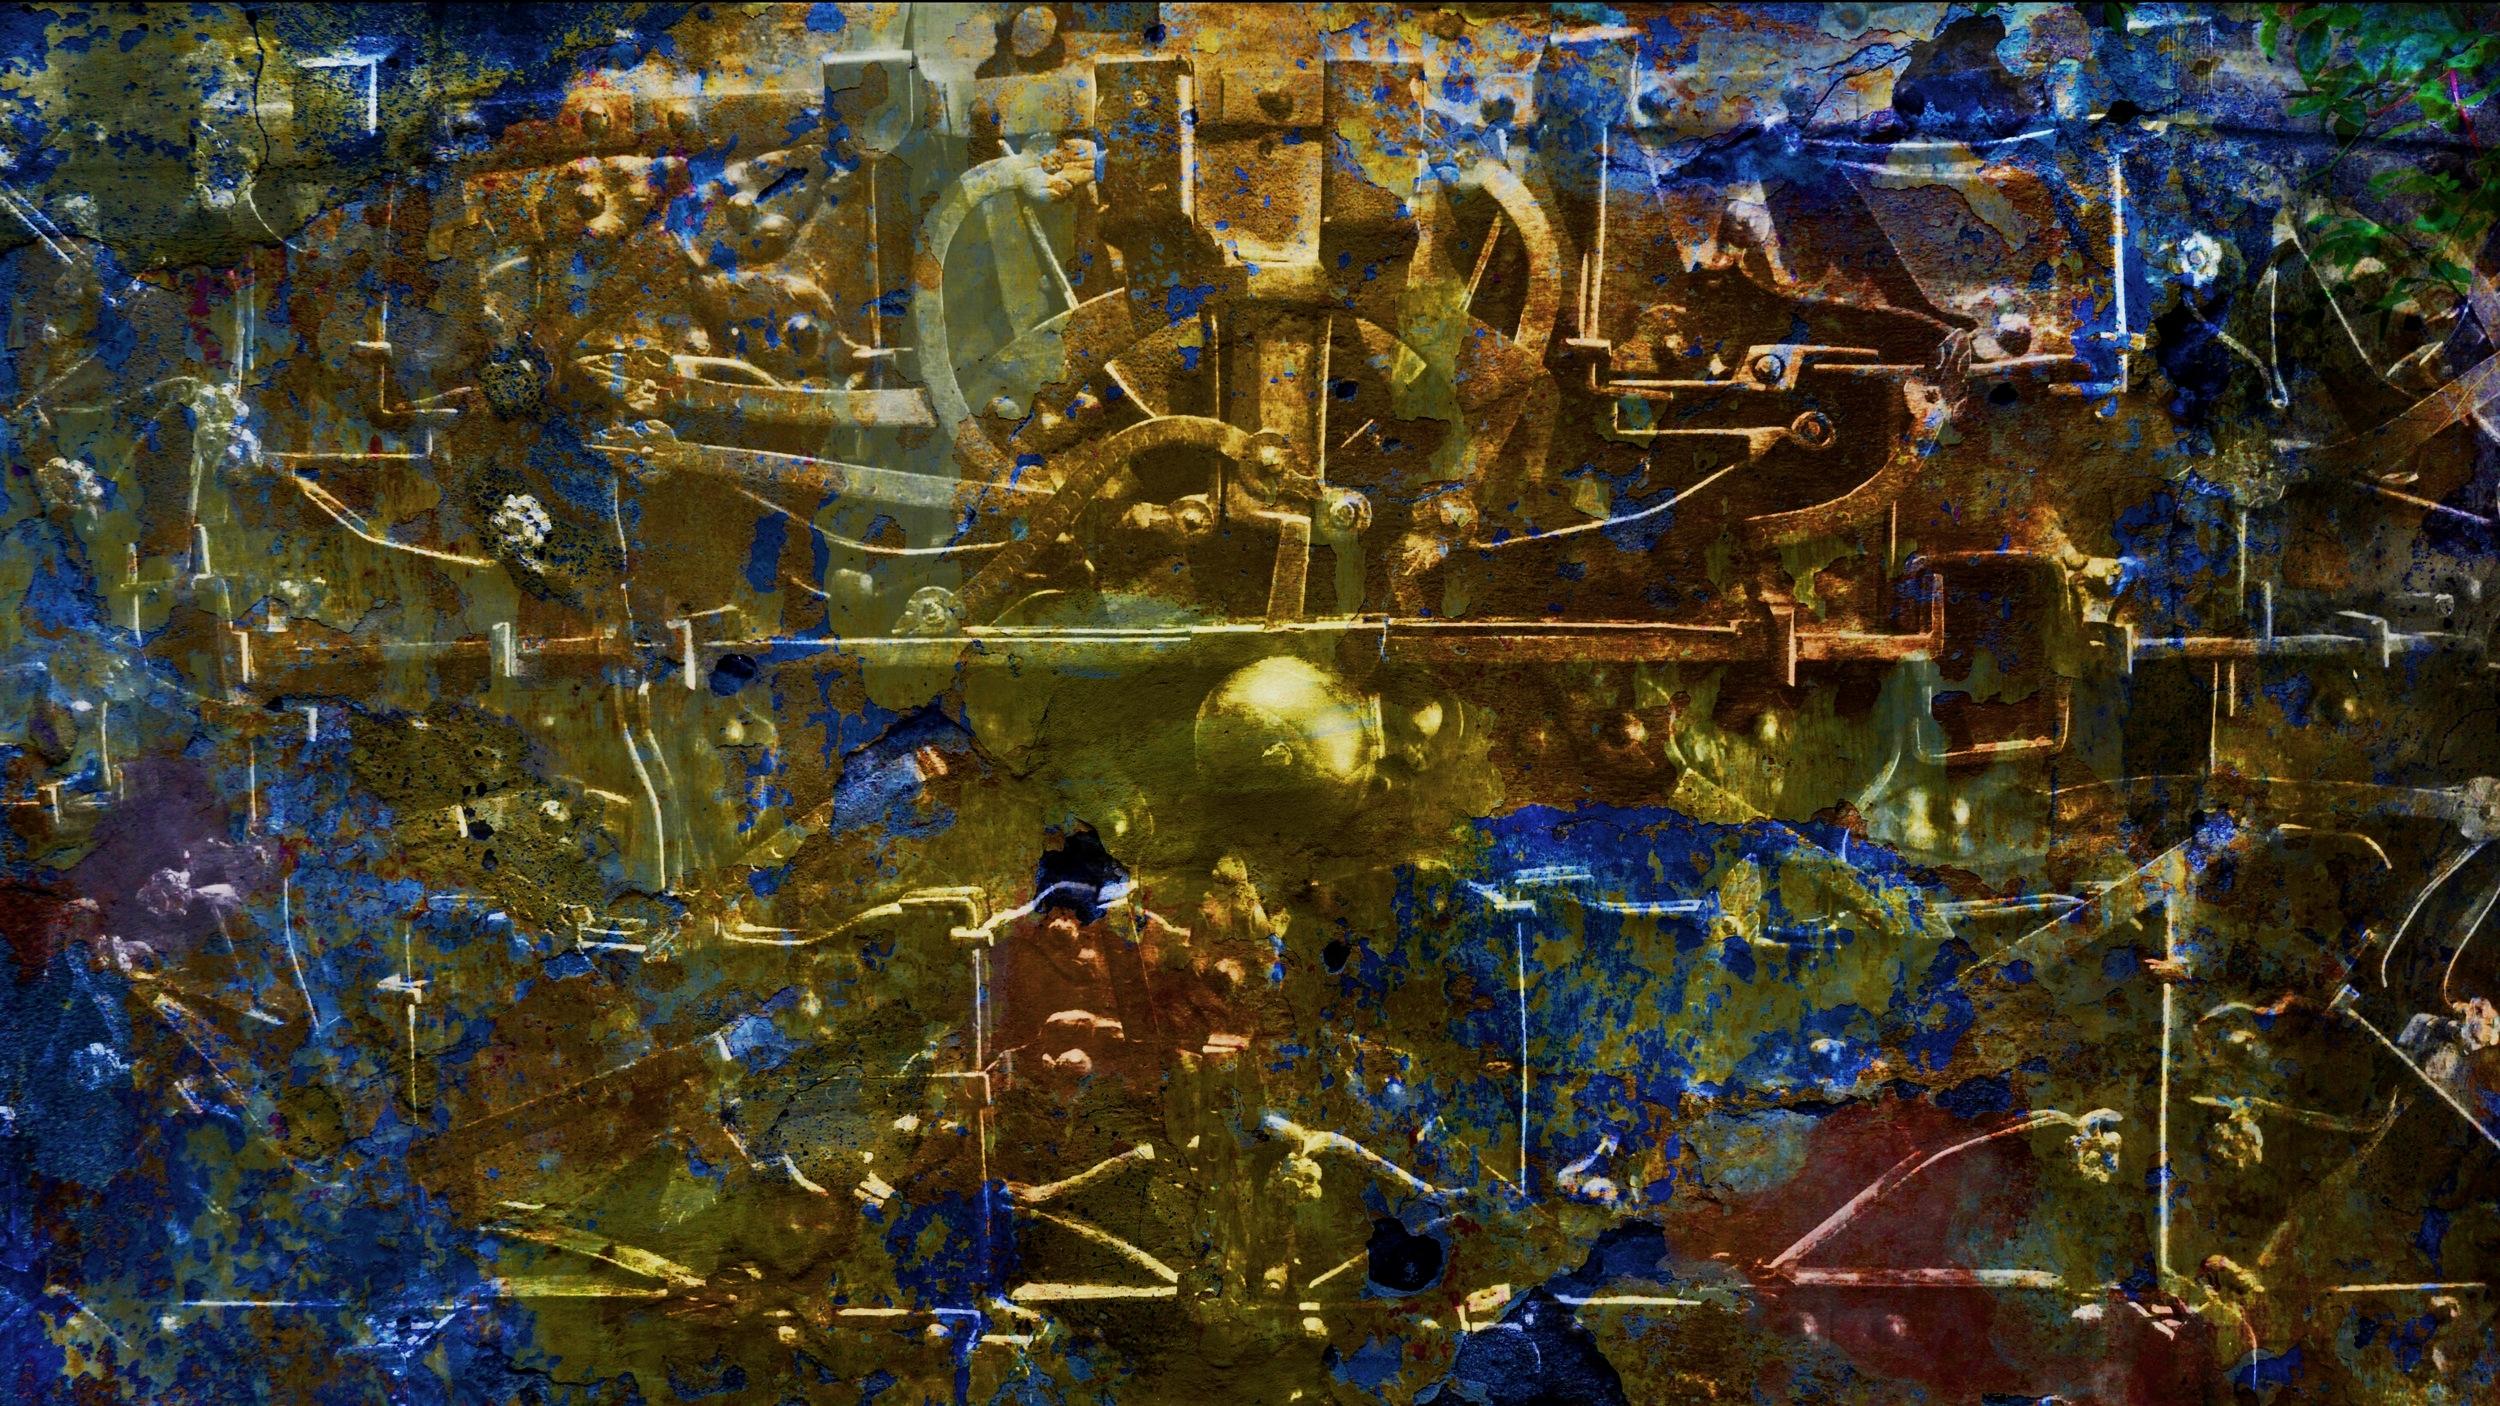 paint%2BDIS%2BTEST03.rev1%2B00_00_24_01.Still031.jpg